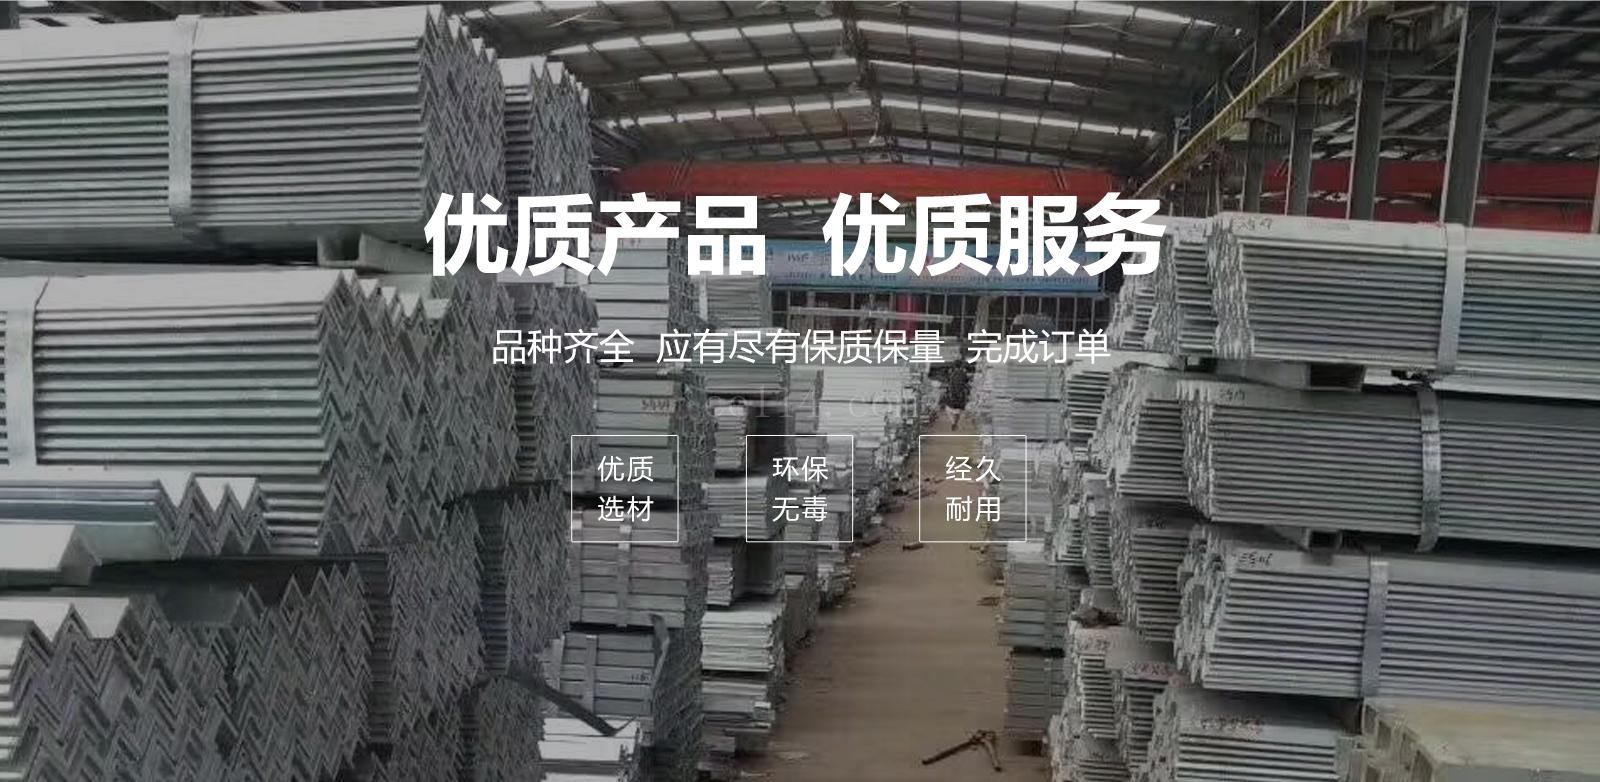 公司简介-福建长汀县达晟金属总汇